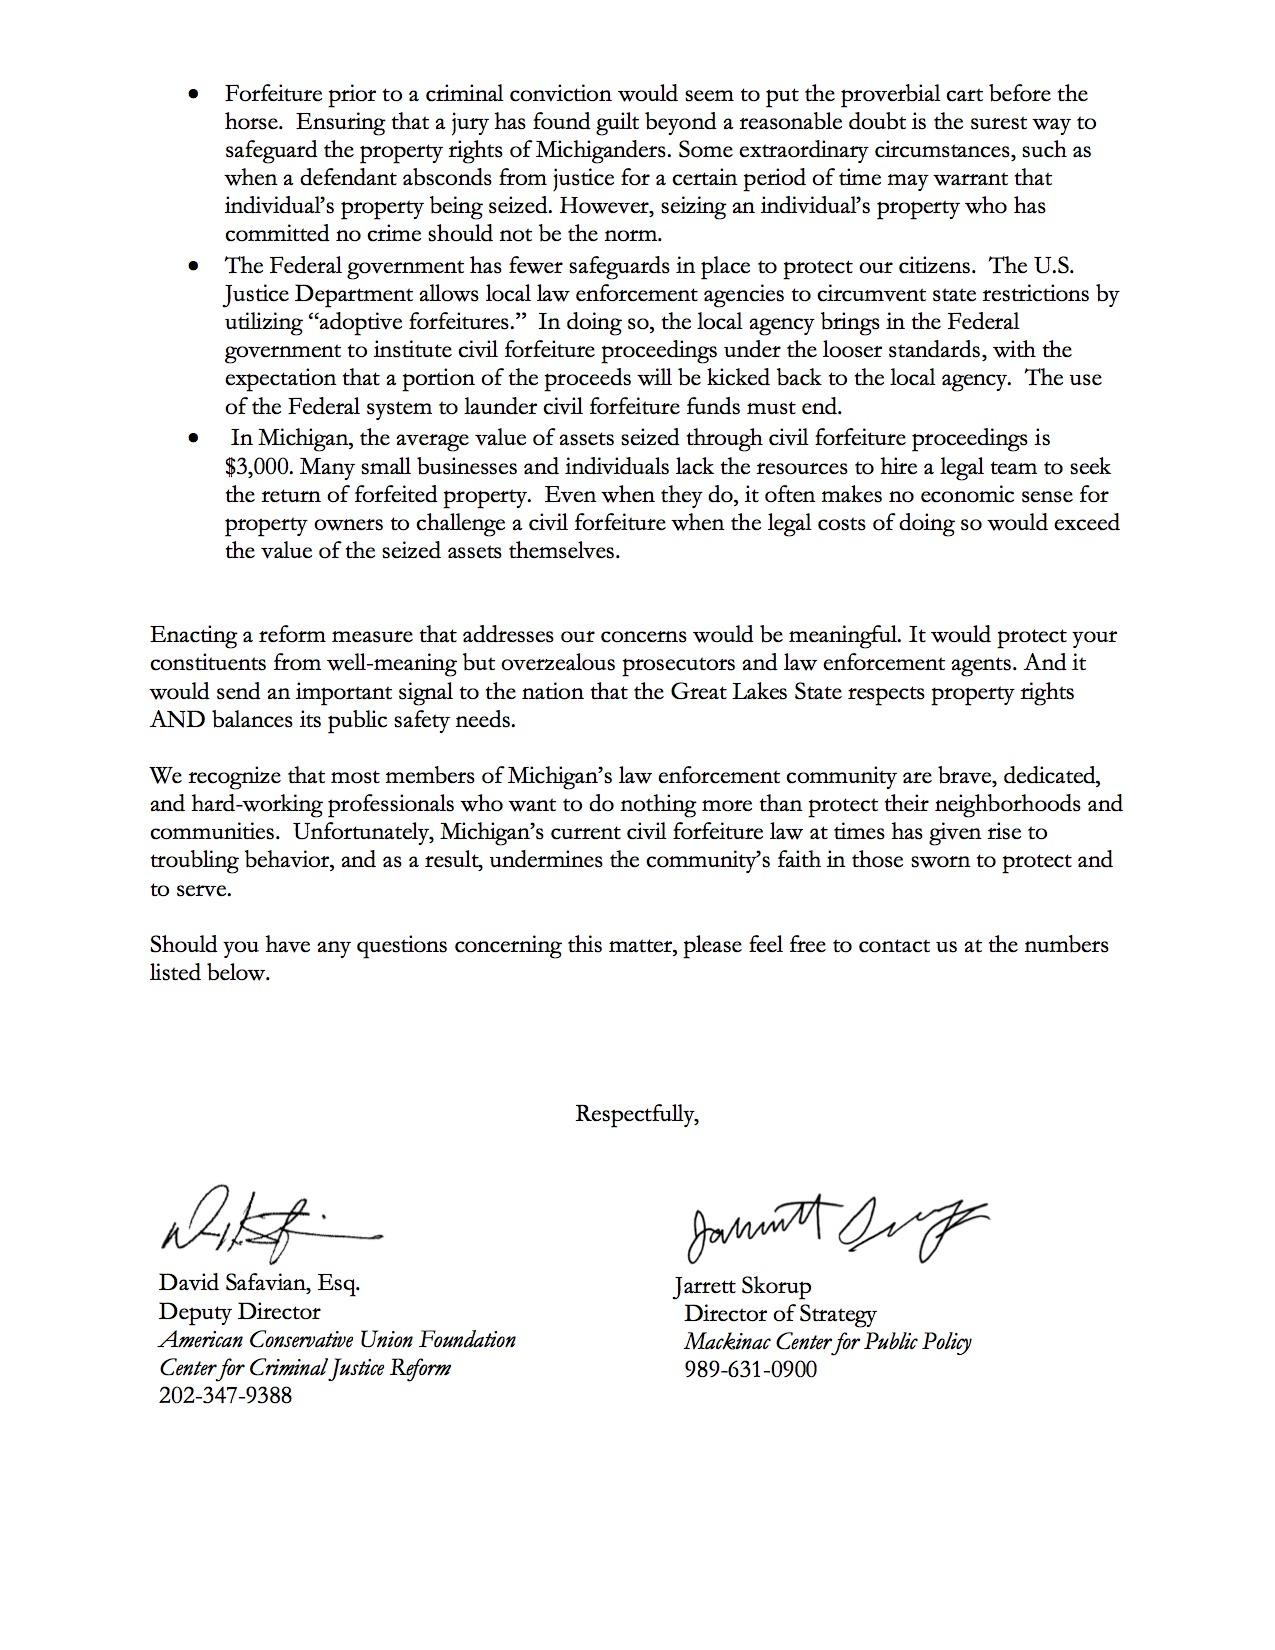 MI_CAF_Coalition_Letter_(S)_2.jpg